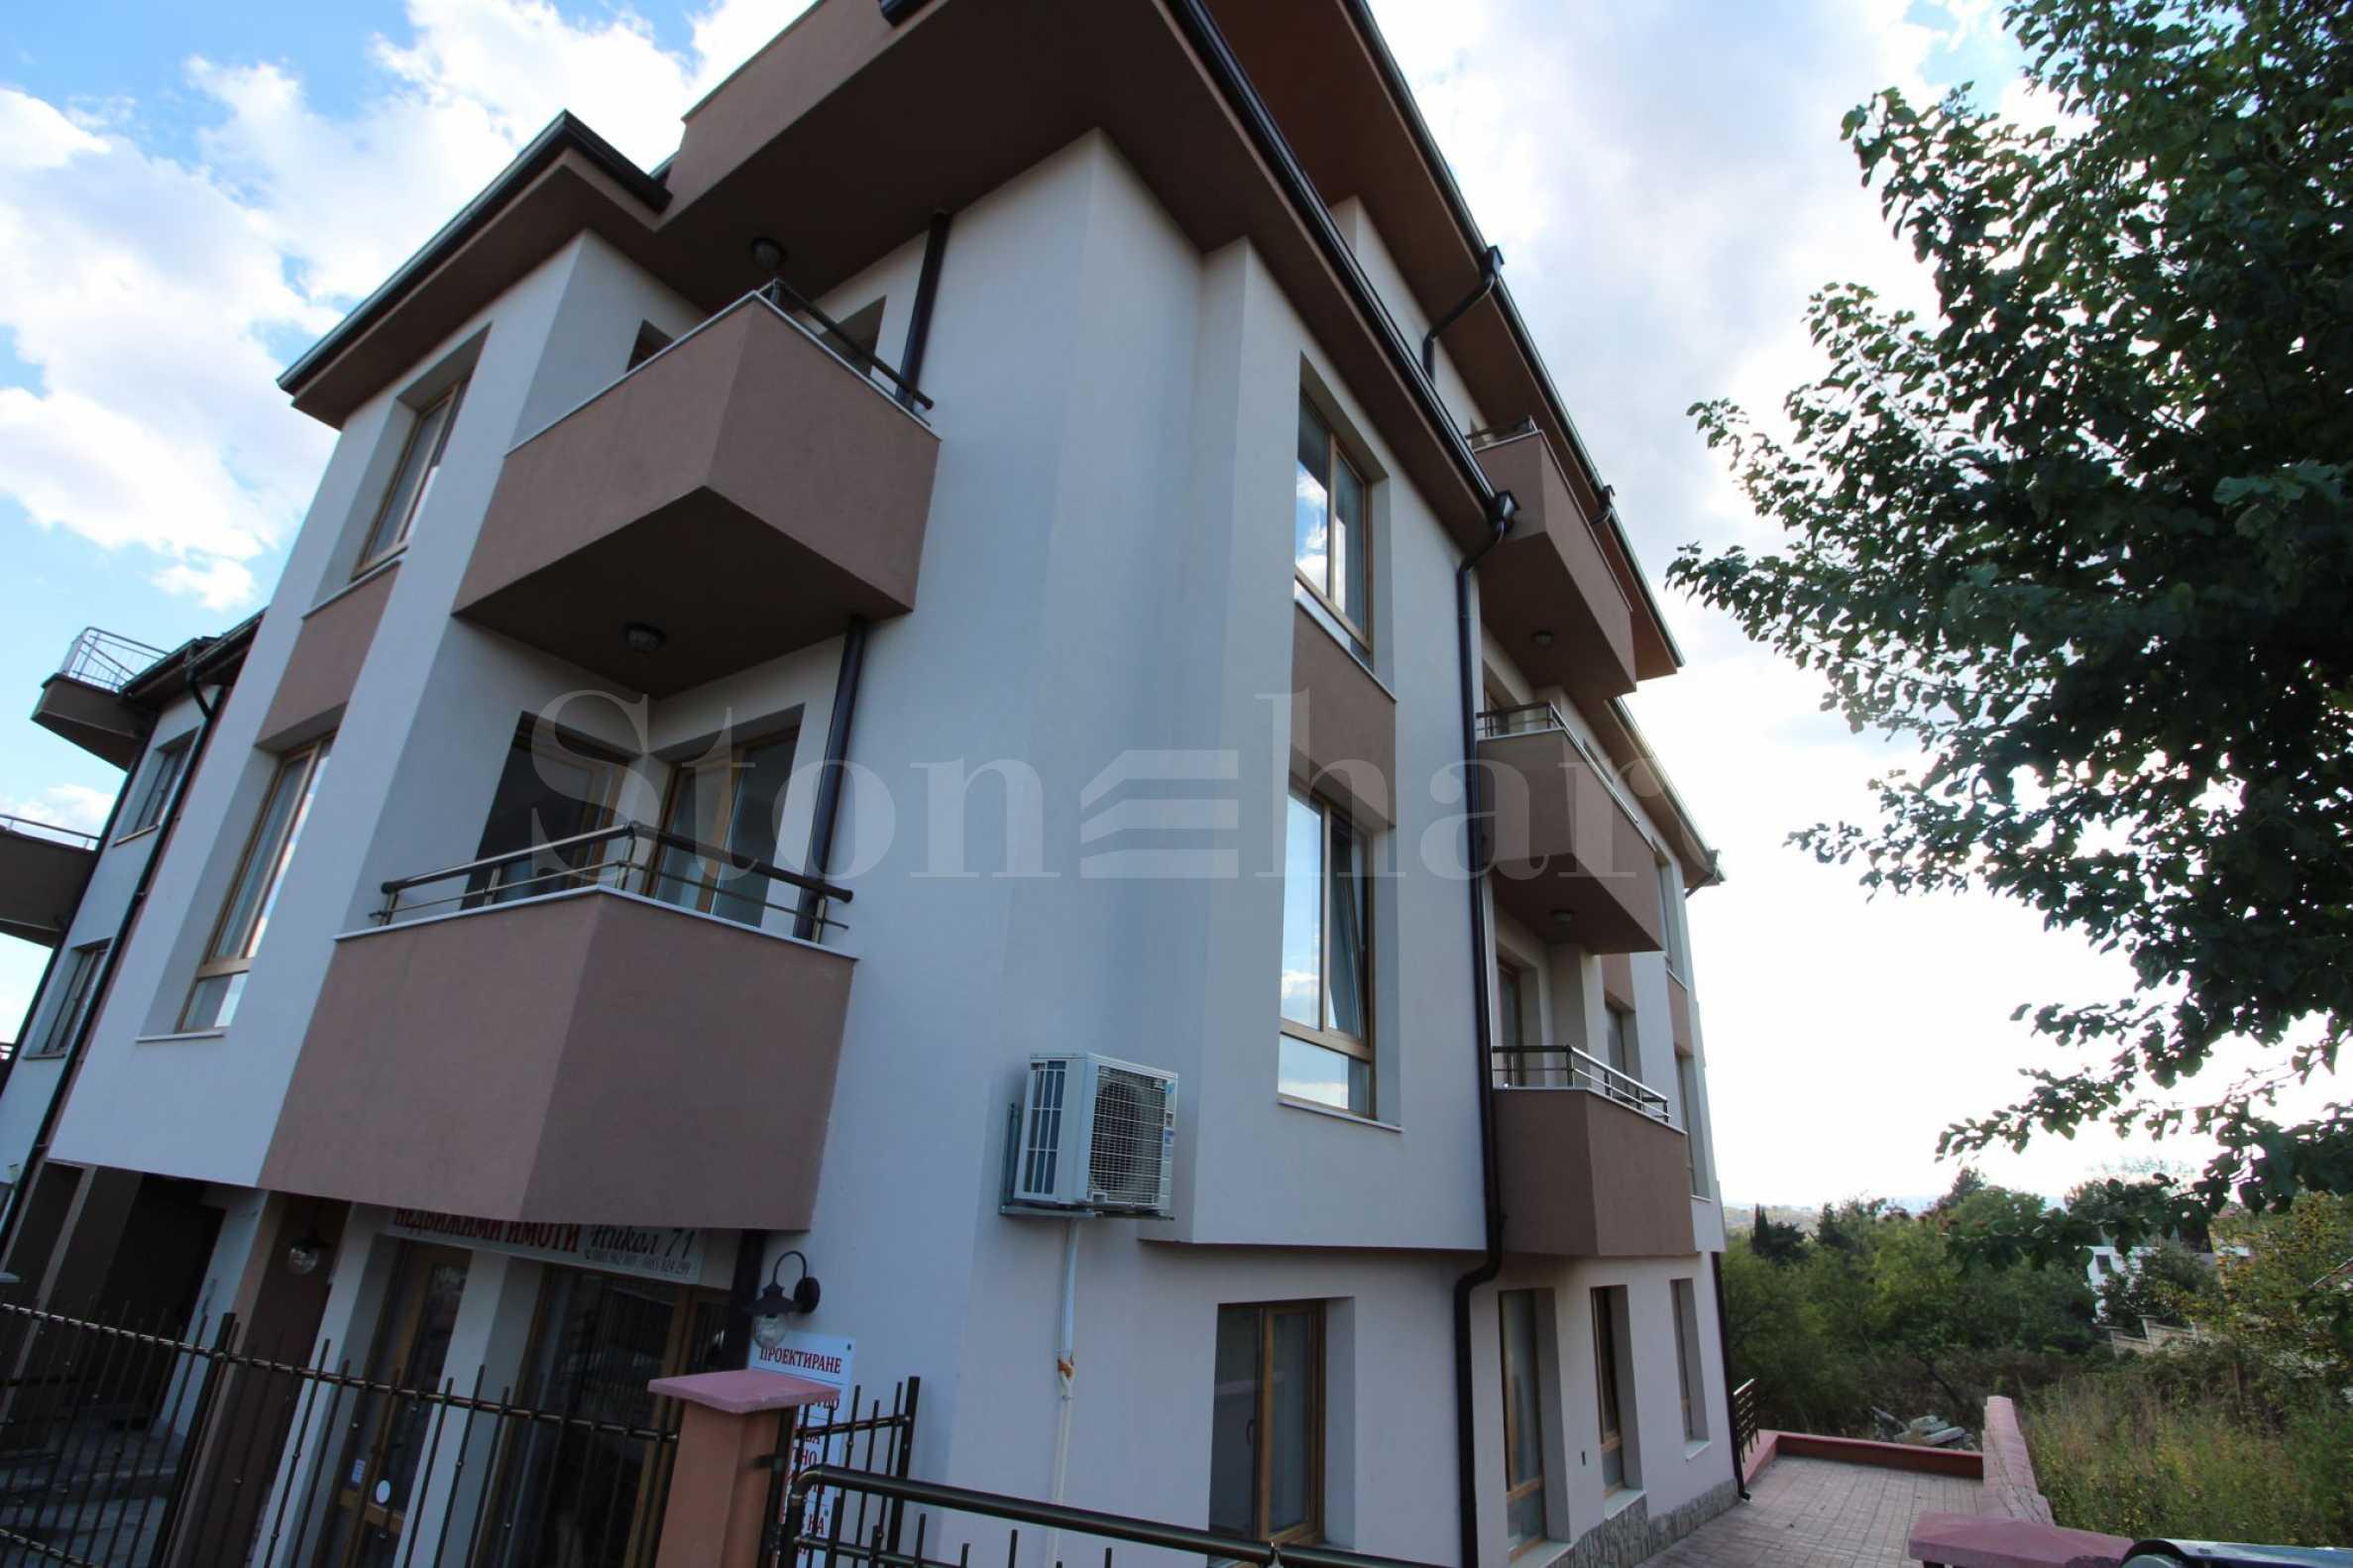 Двустайни апартаменти ново строителство в Царево, кв. Василико1 - Stonehard